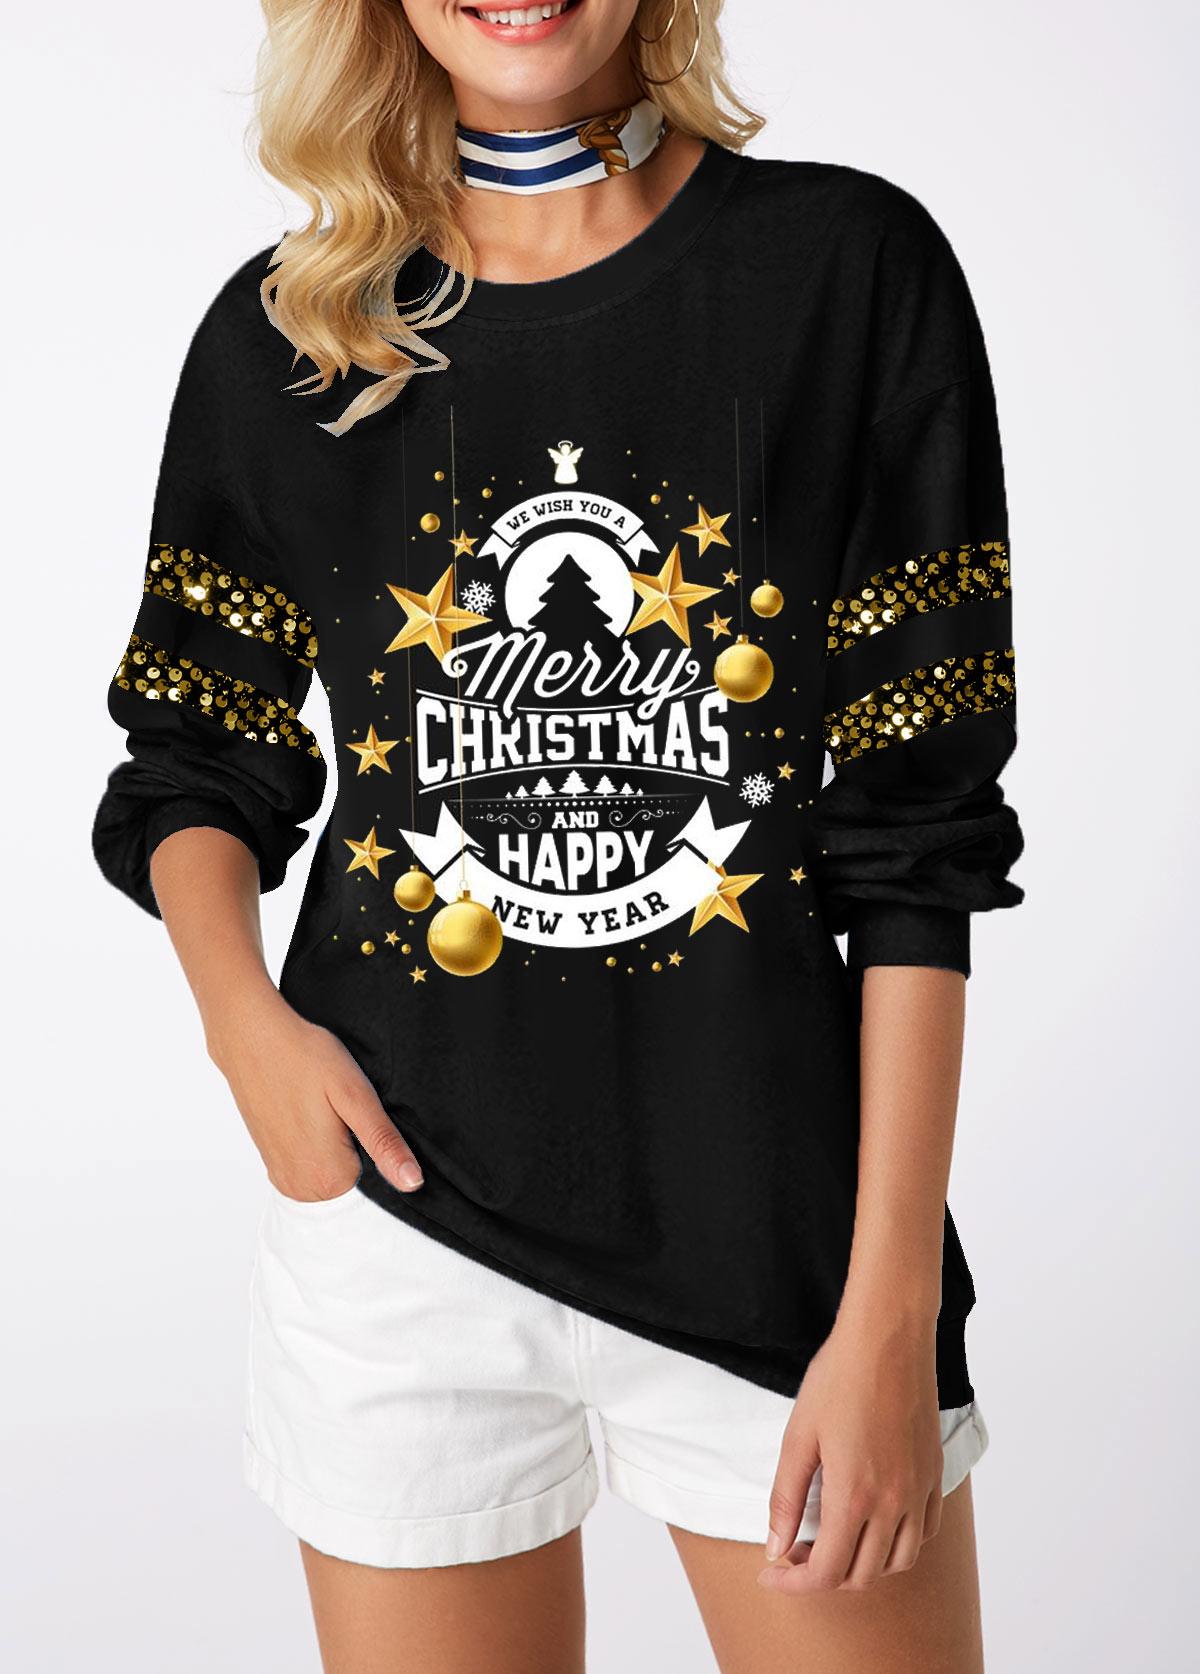 Christmas Print Sequin Embellished Long Sleeve Sweatshirt